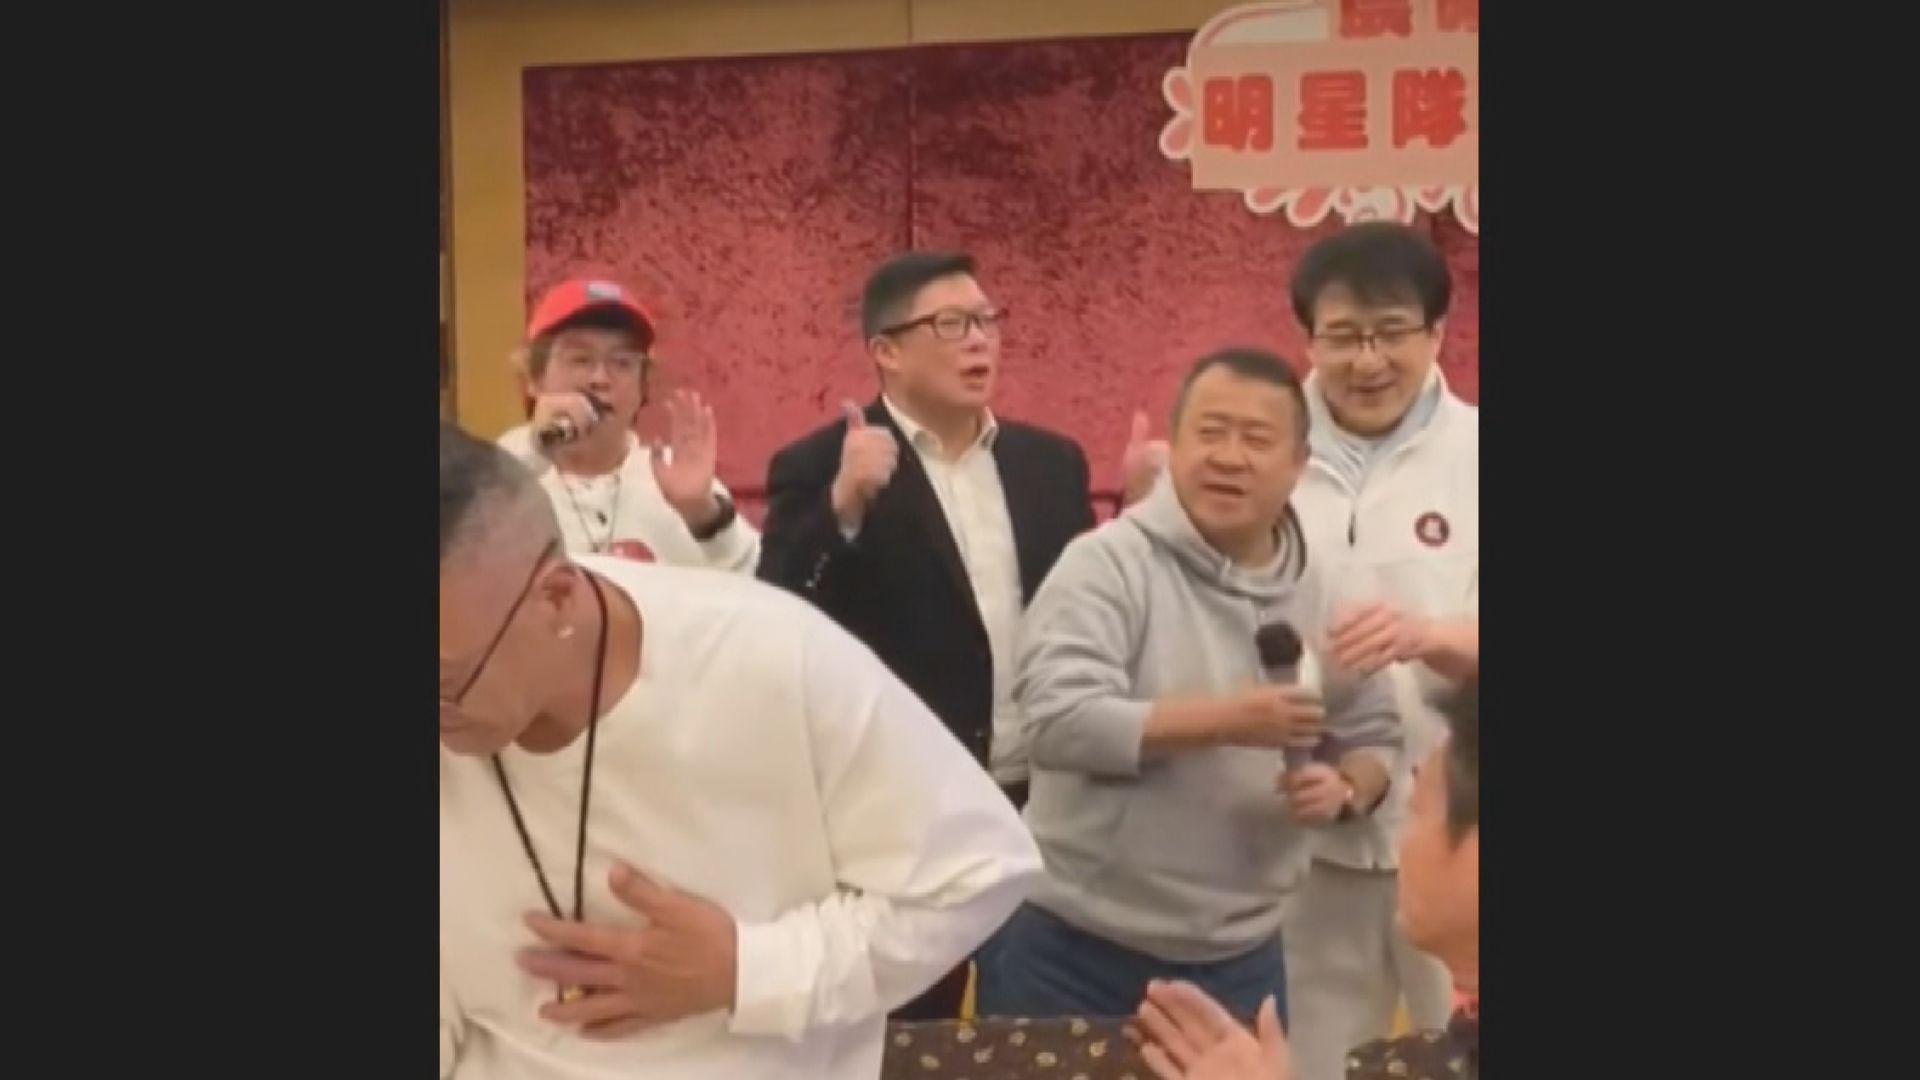 鄧炳強:藝人飯局表達幽默 有人如獲至寶小題大做